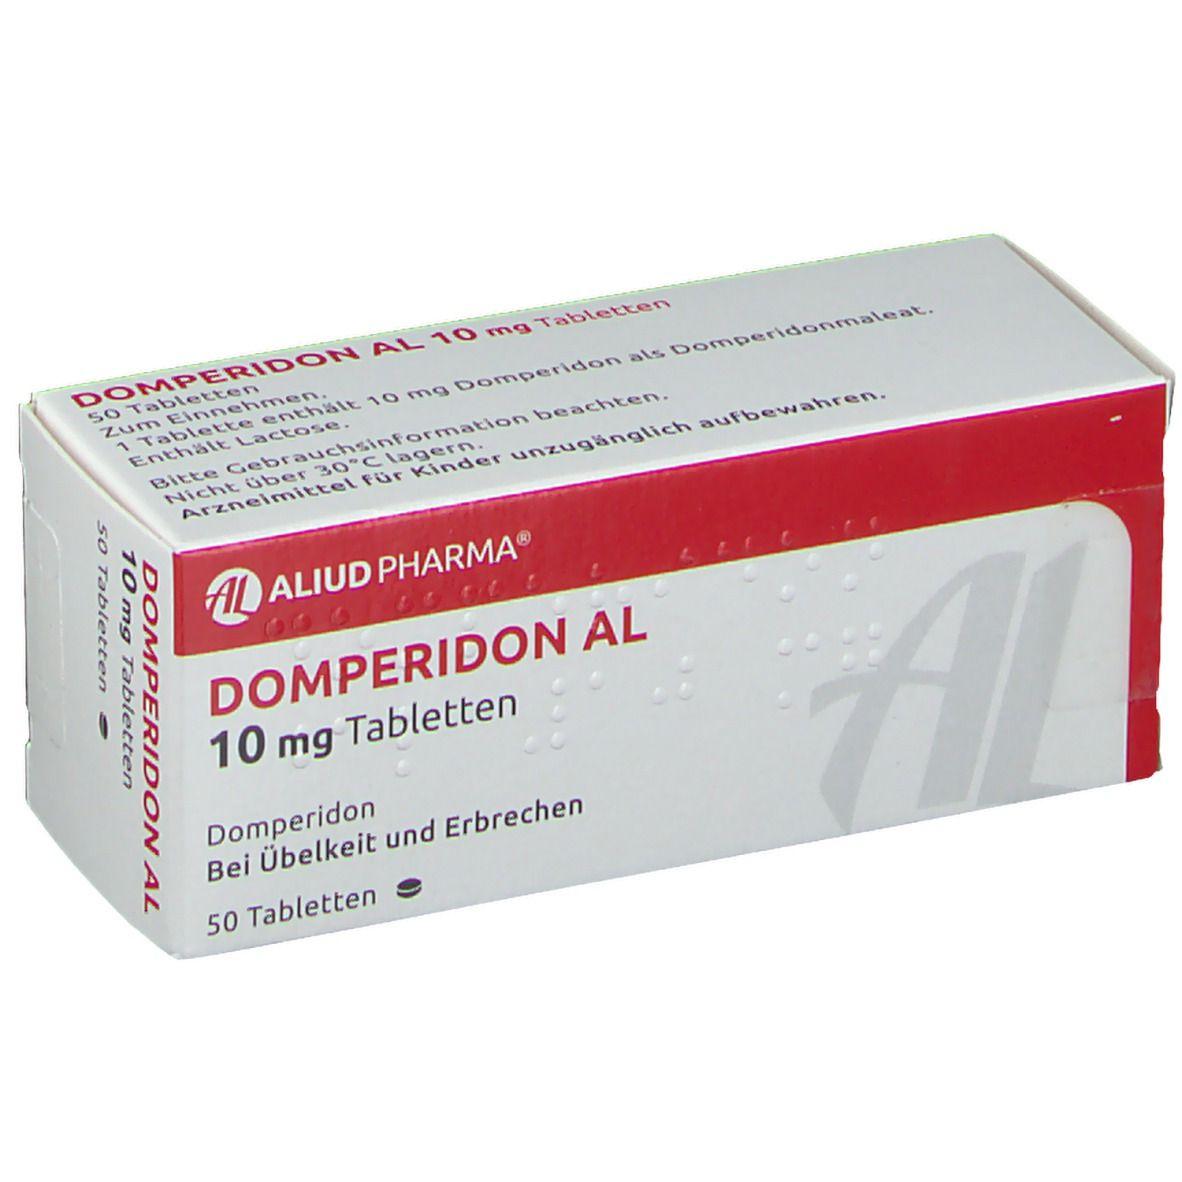 Domperidon Al 10 mg Tabletten